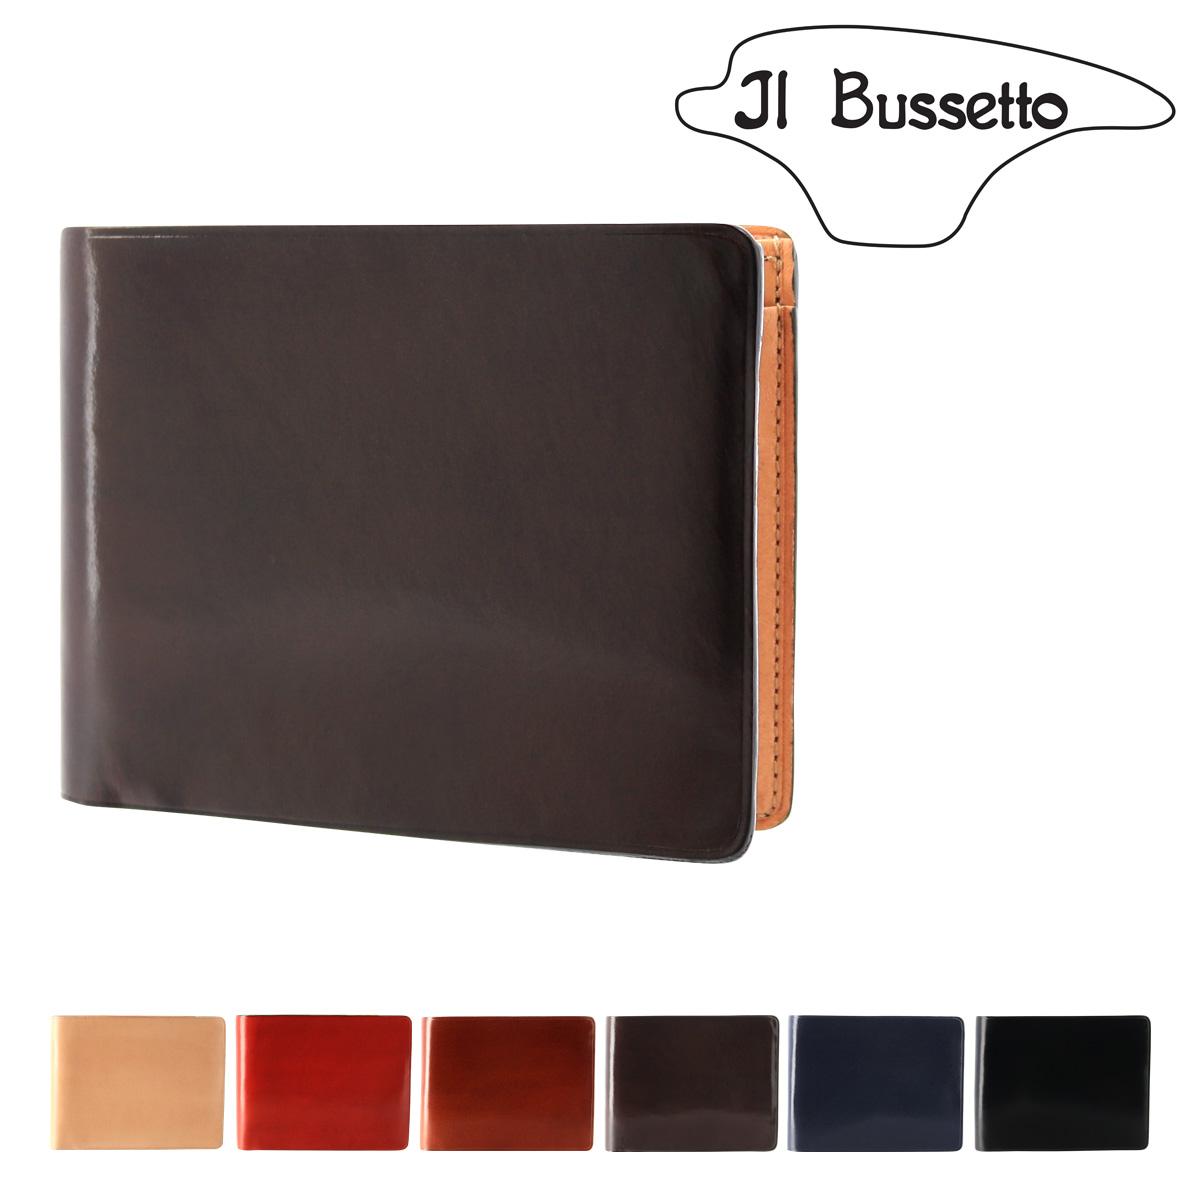 イルブセット 二つ折り財布 メンズ レディース 11-007 IL BUSSETTO | 本革 イタリアンレザー ブランド専用BOX付き[bef]